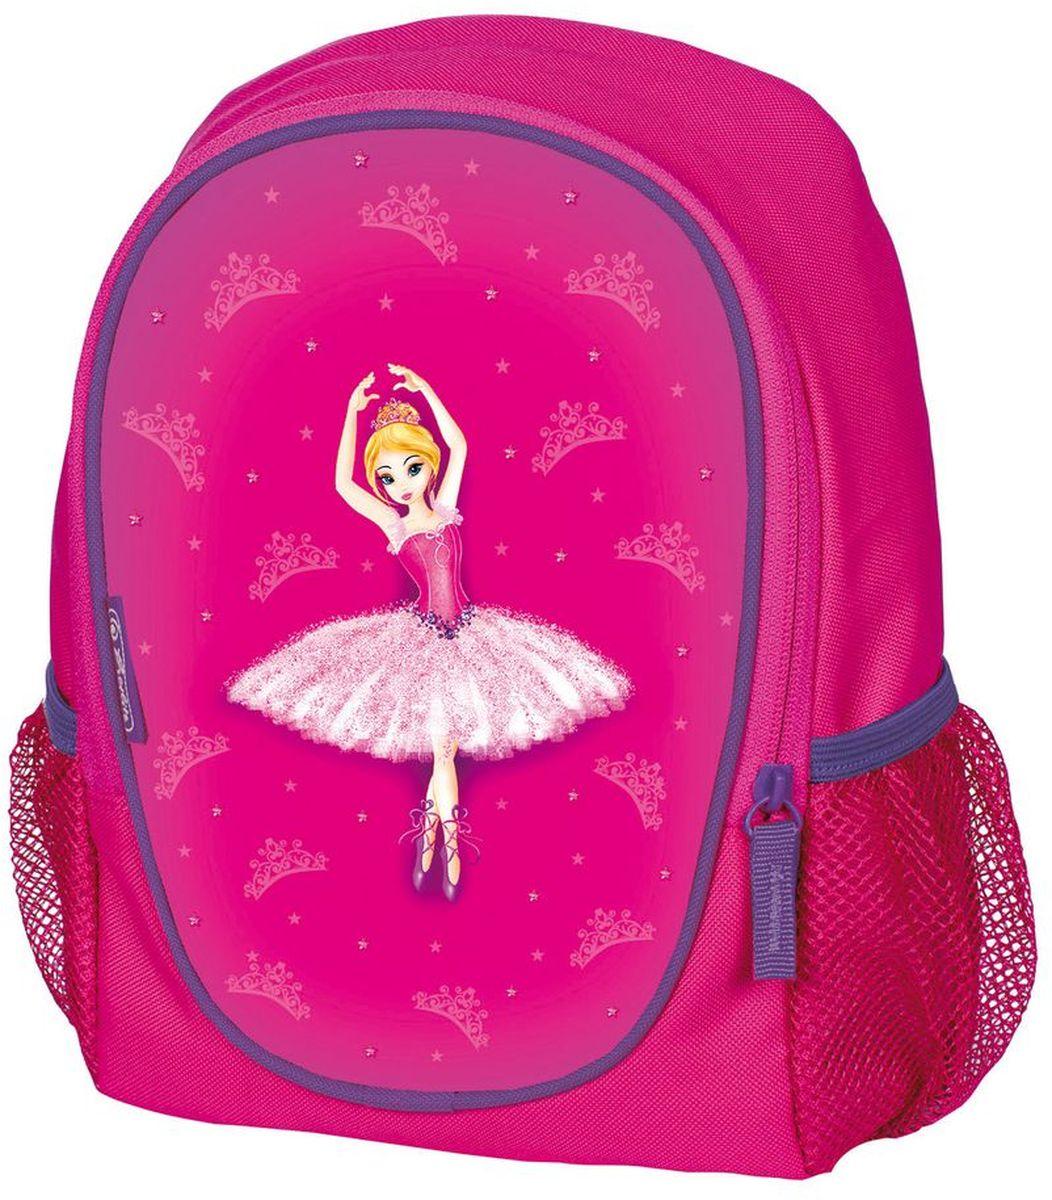 Herlitz Рюкзак дошкольный Rookie Ballerina50009428Дошкольный рюкзак Herlitz Rookie Ballerina имеет яркий, привлекательный дизайн. Рюкзак имеет одно основное отделение на застежке-молнии и два боковых открытых карман. У изделия вентилируемые спинка и лямки.